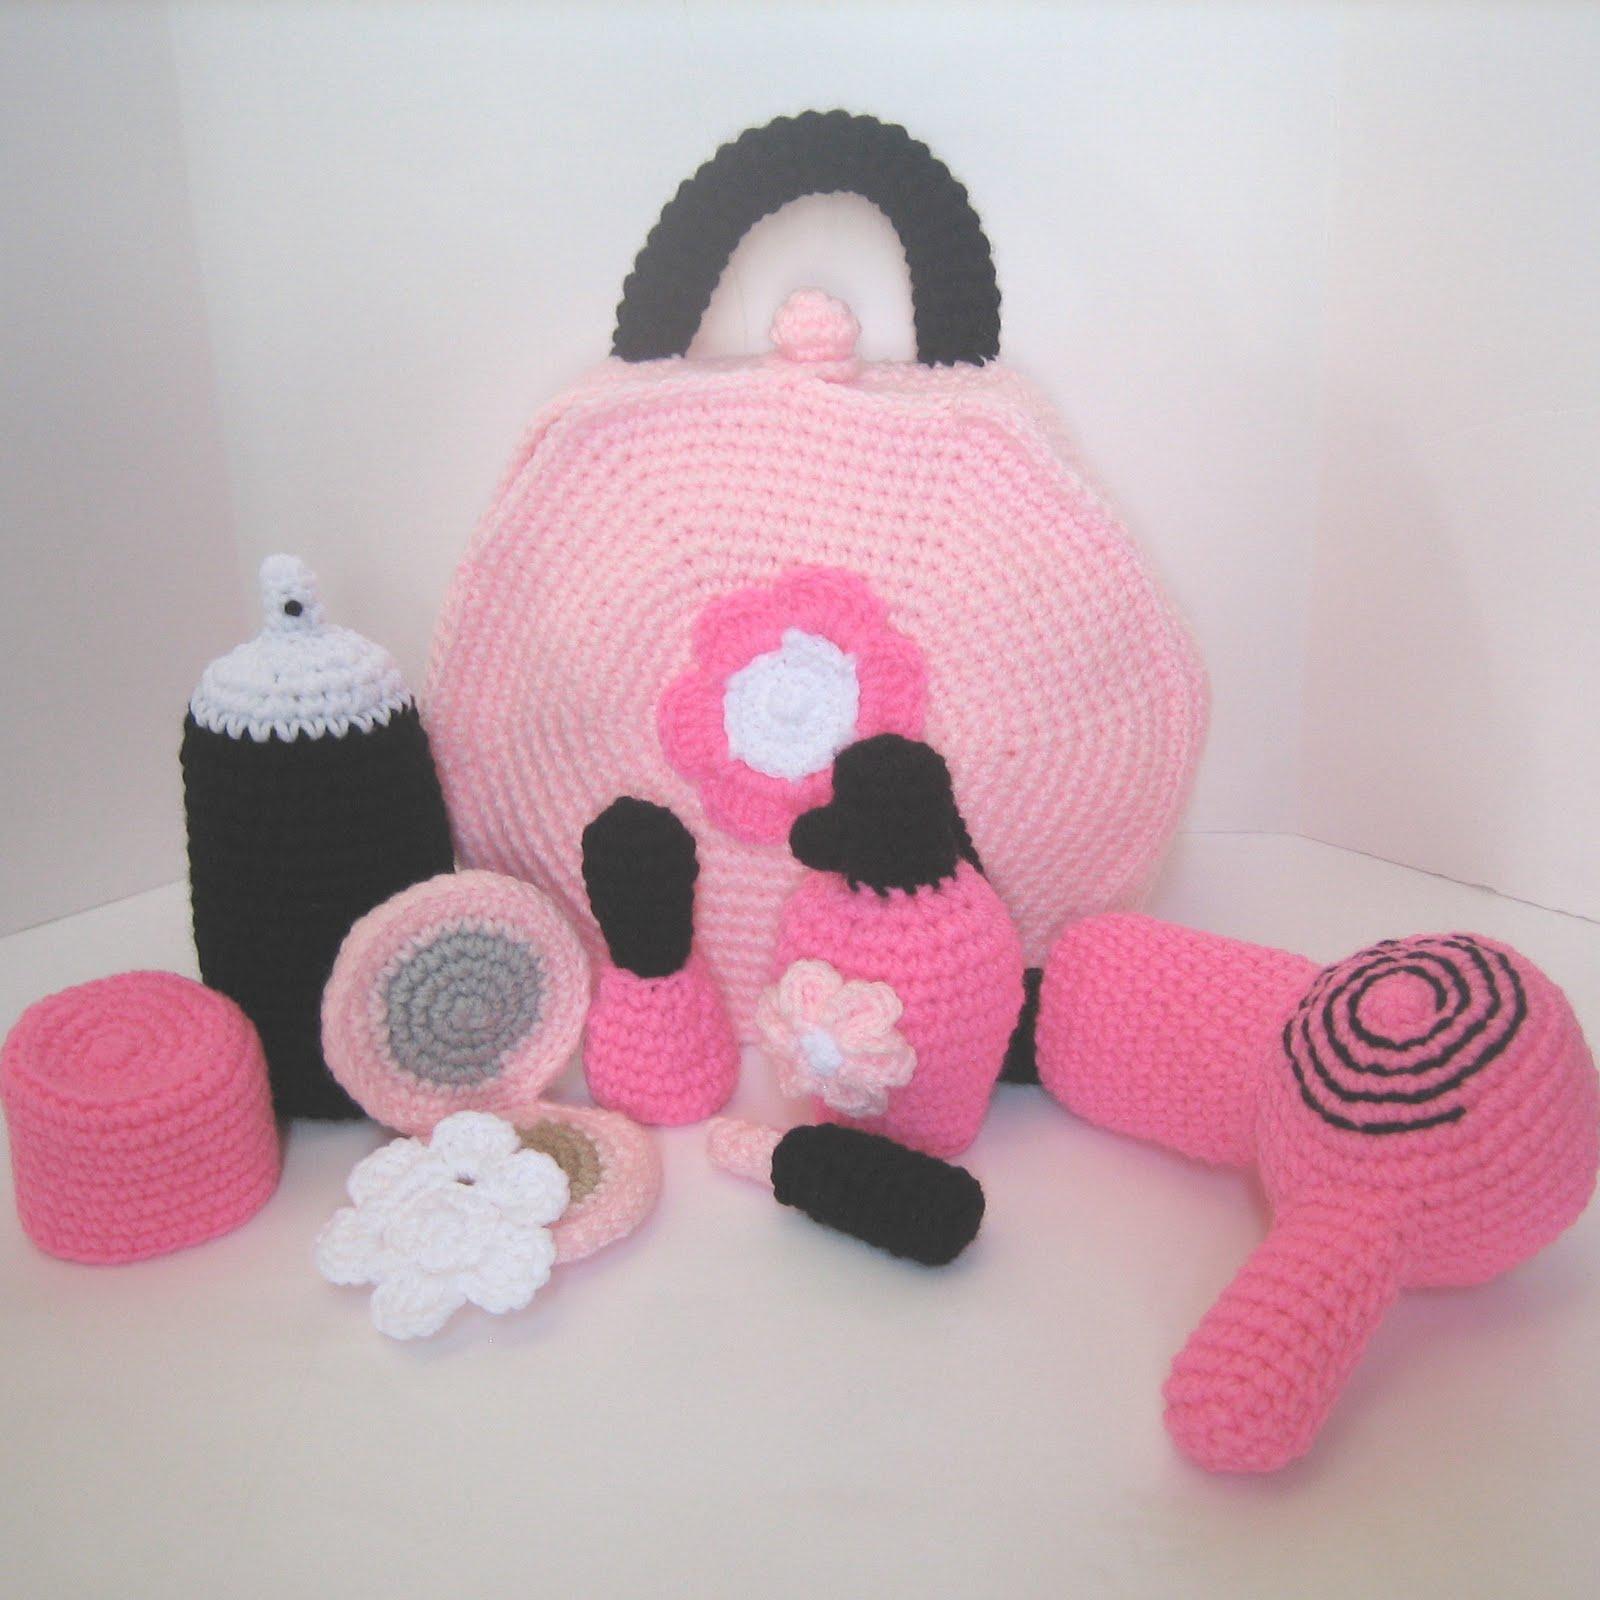 Crochet N Play Designs August 2011